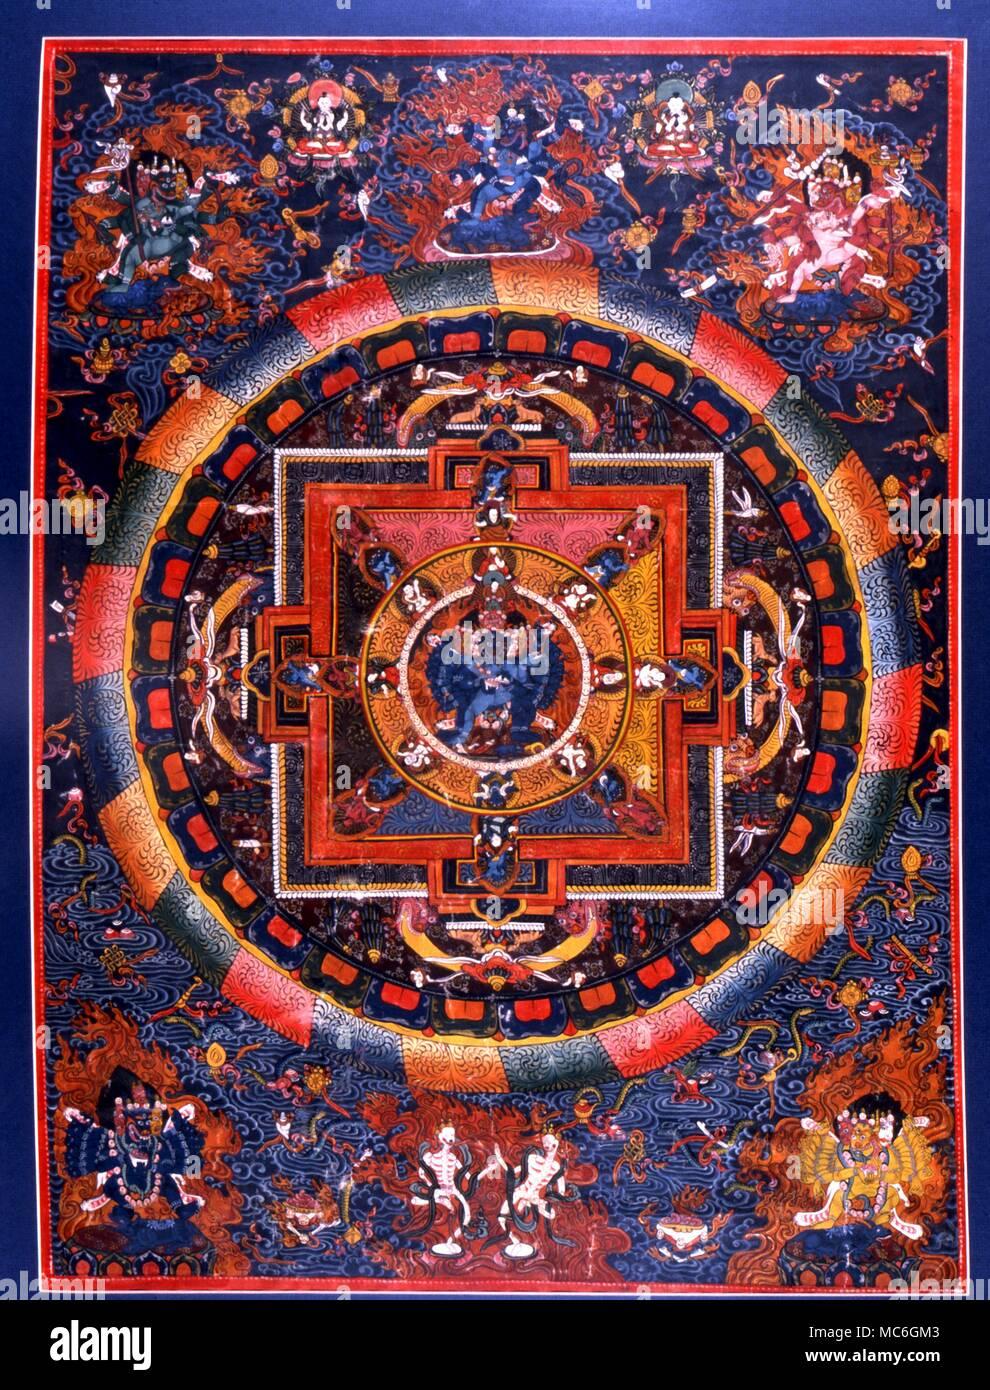 Arte occulta - Tanka. Indian mediatative tanka con quattro guardiani dello spazio e demoni di origine vedica intorno al centro città celeste. Design tradizionale. Immagini Stock